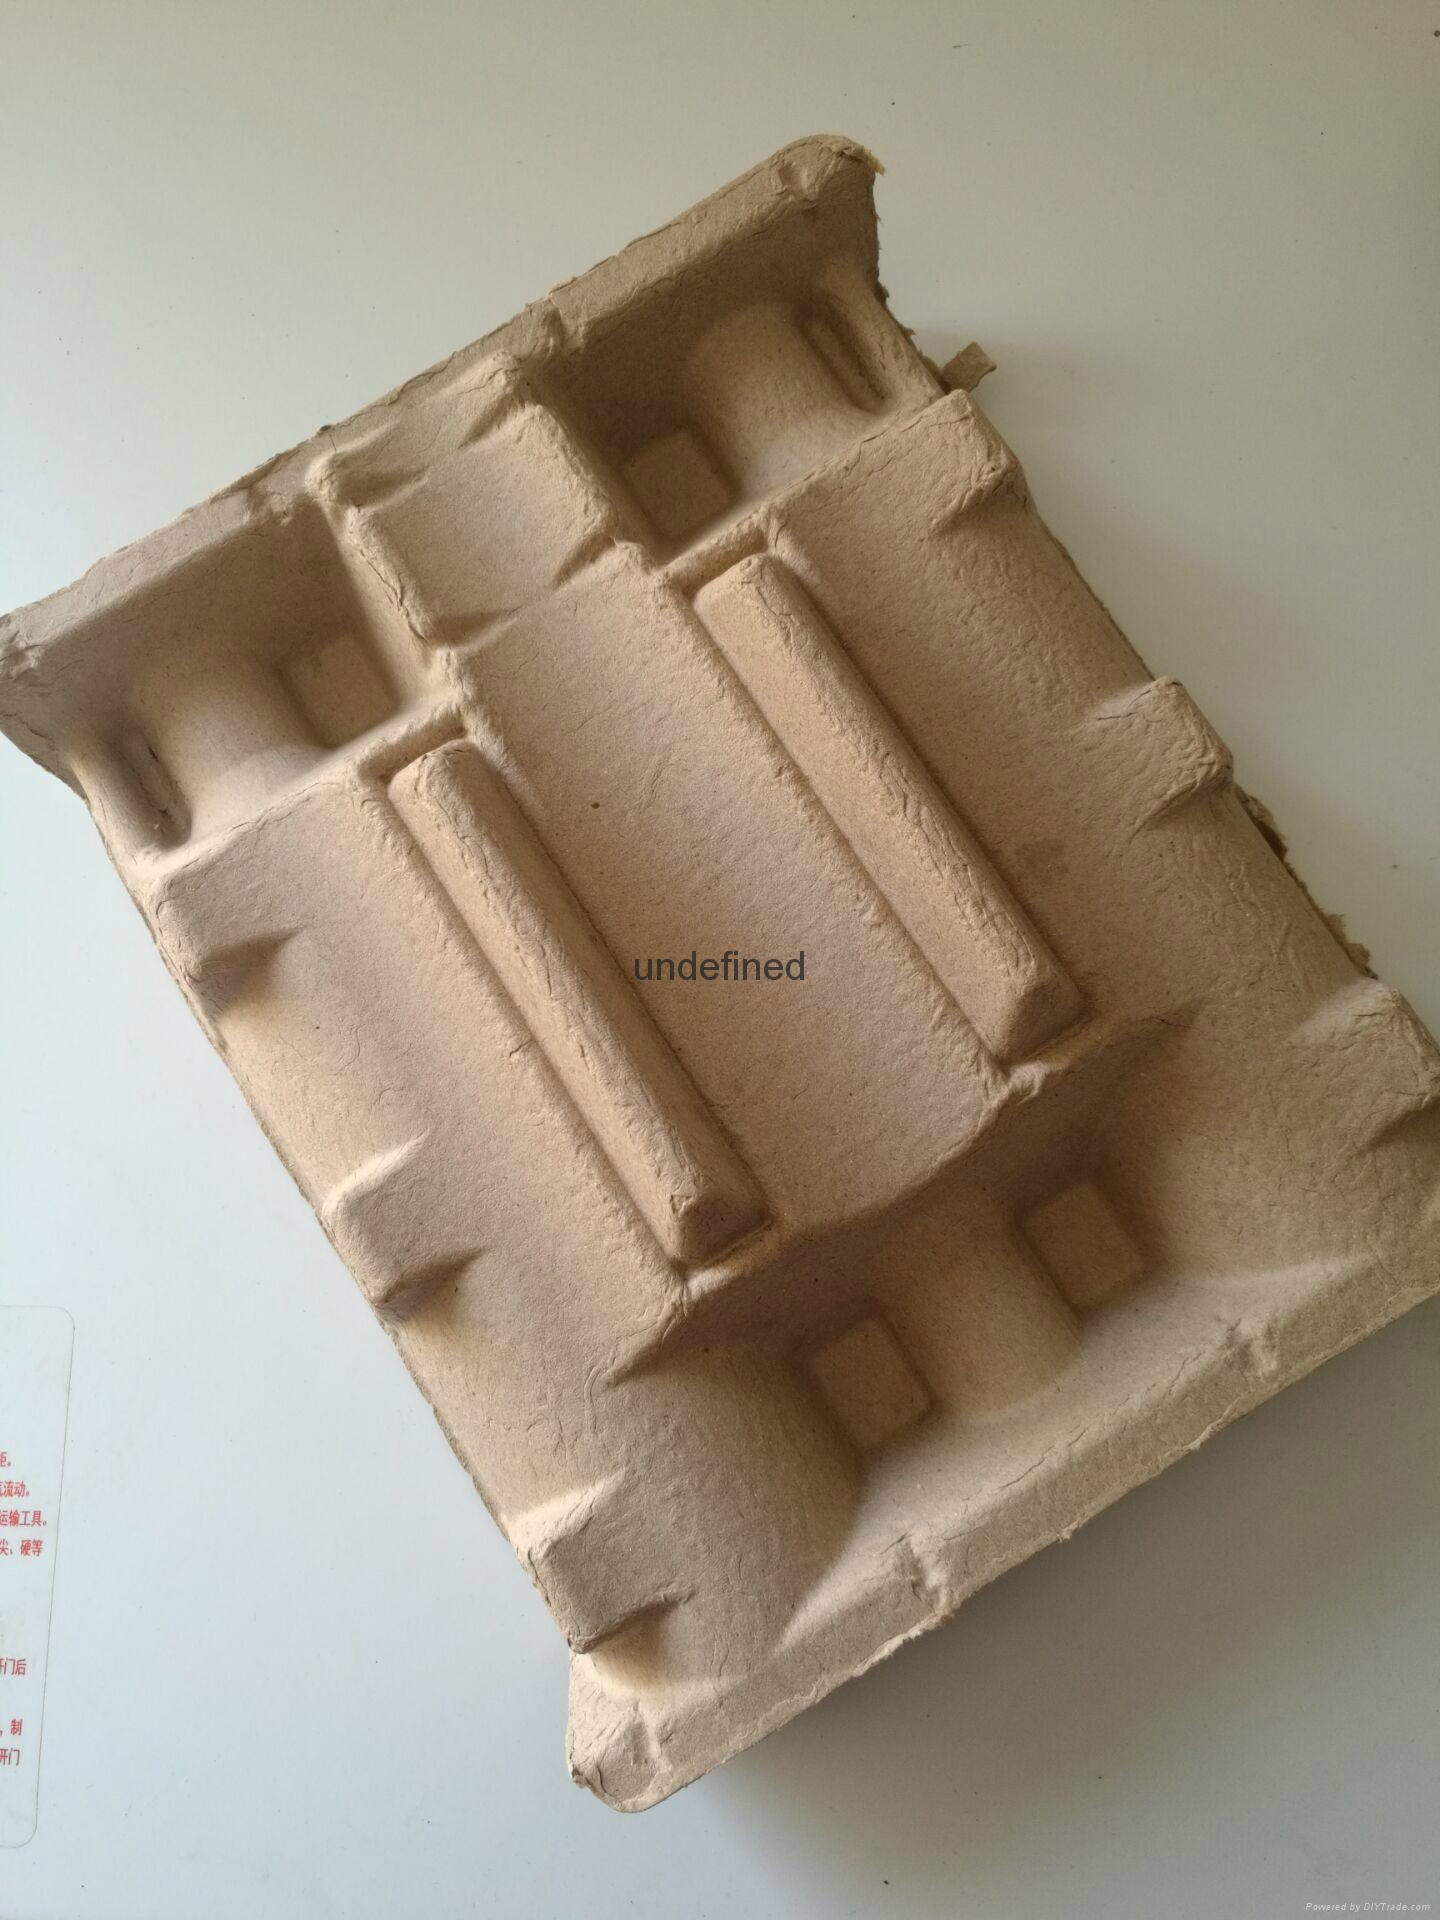 紅酒紙托 雞蛋托 紙漿模塑包裝 3